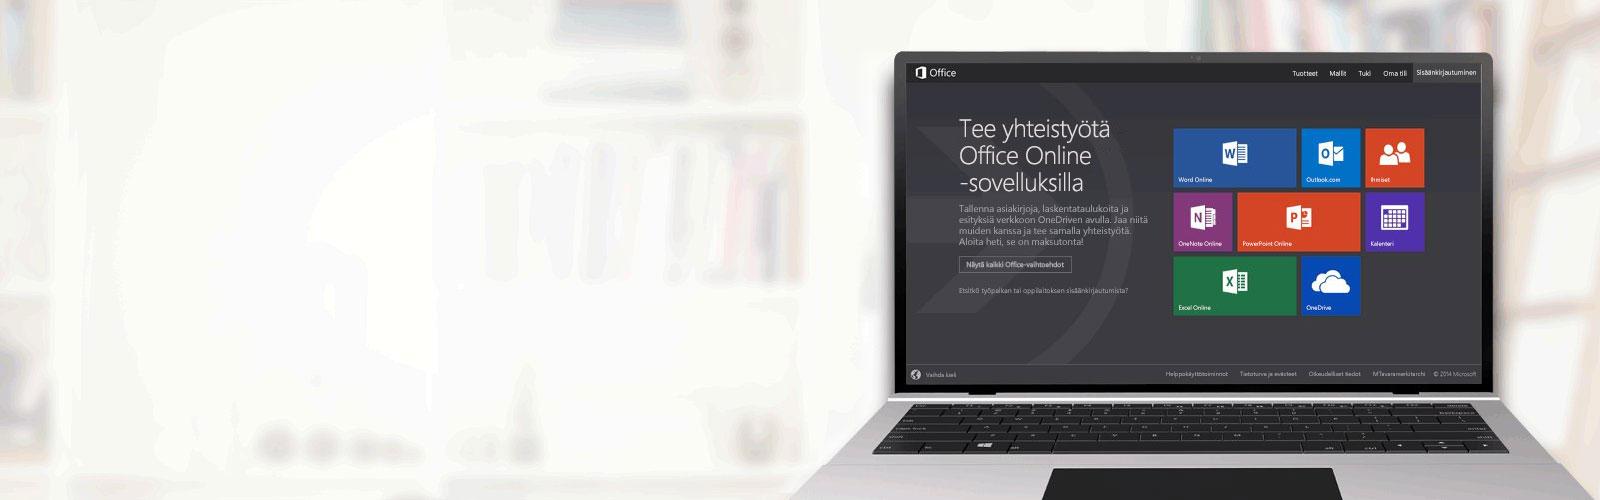 Tee yhteistyötä Office Online -sovelluksilla